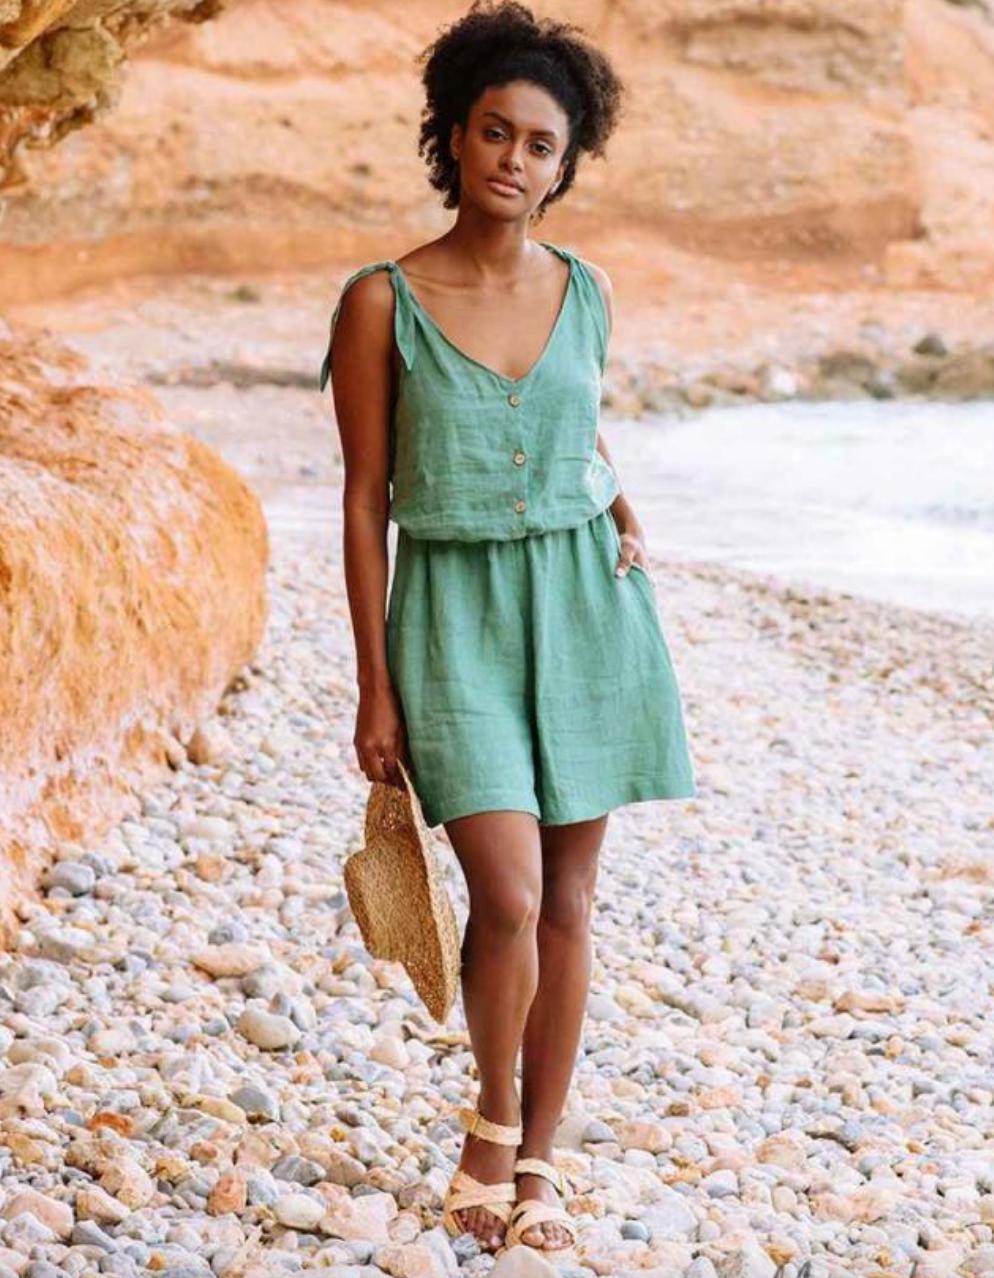 model wearing green romper